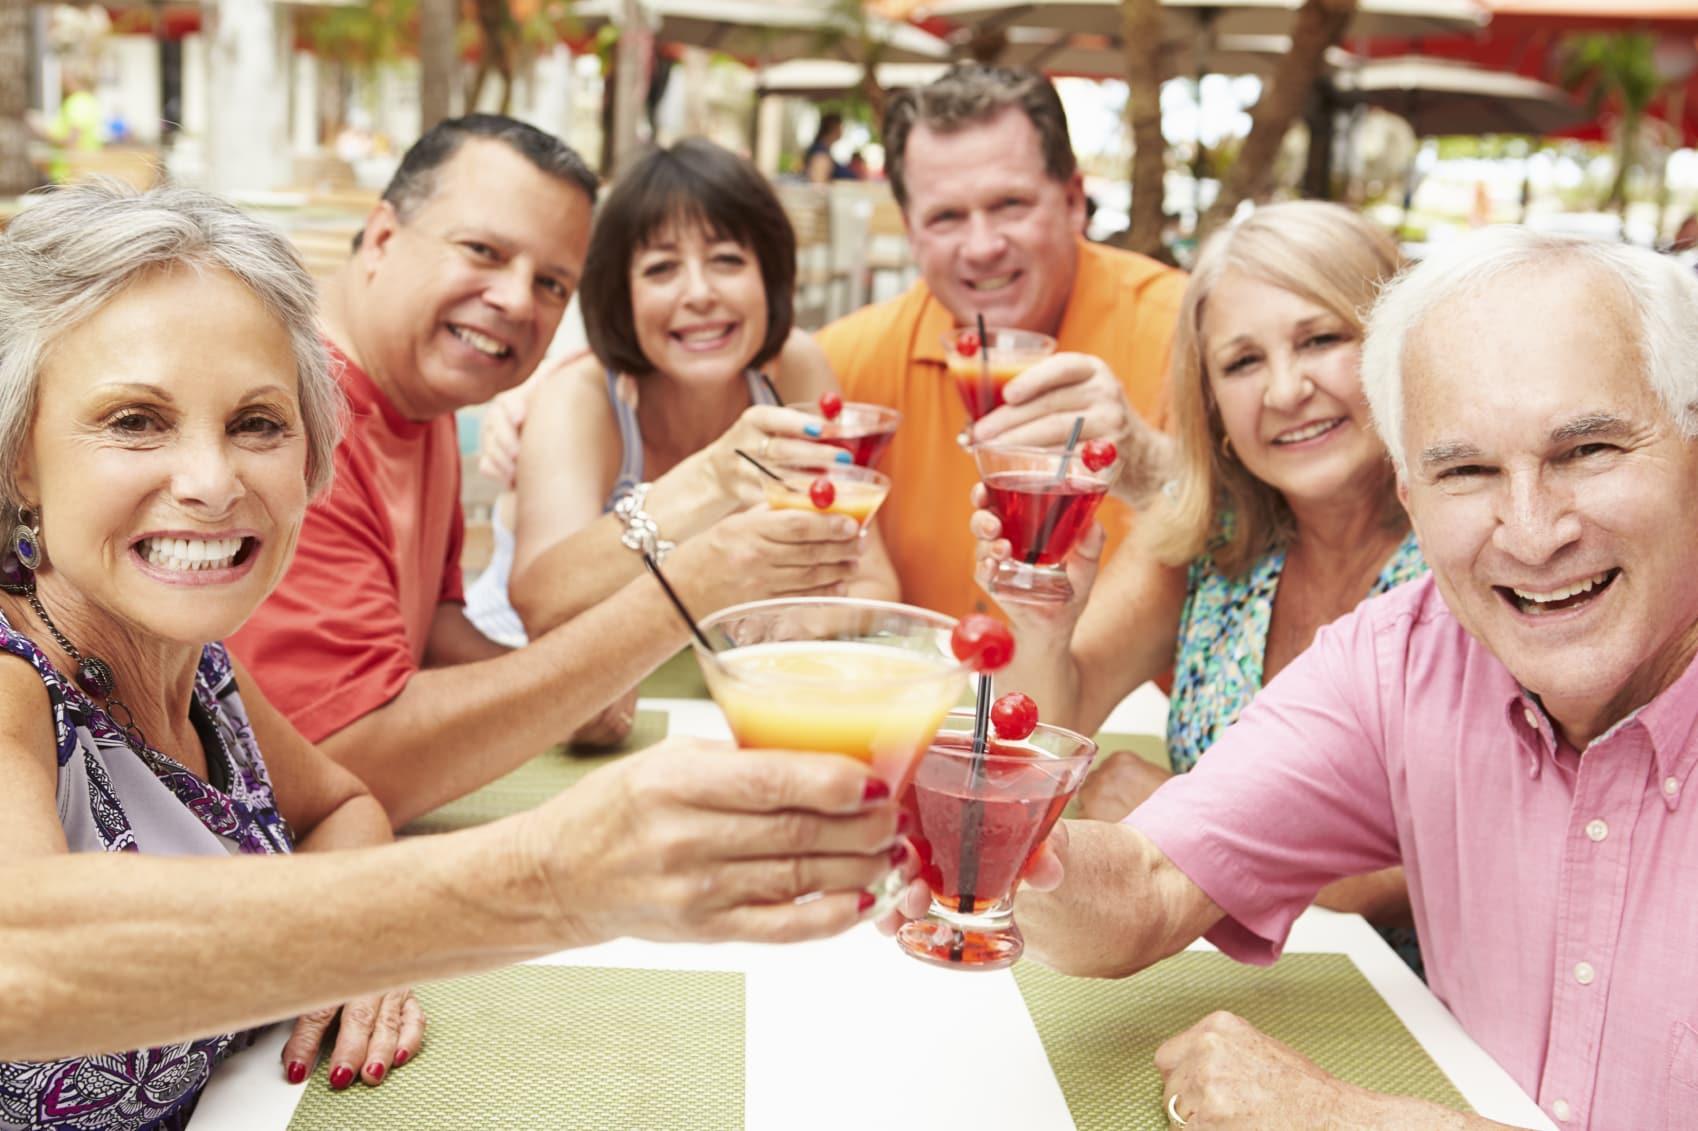 Group Of Senior Friends Enjoying Cocktails In Bar Together